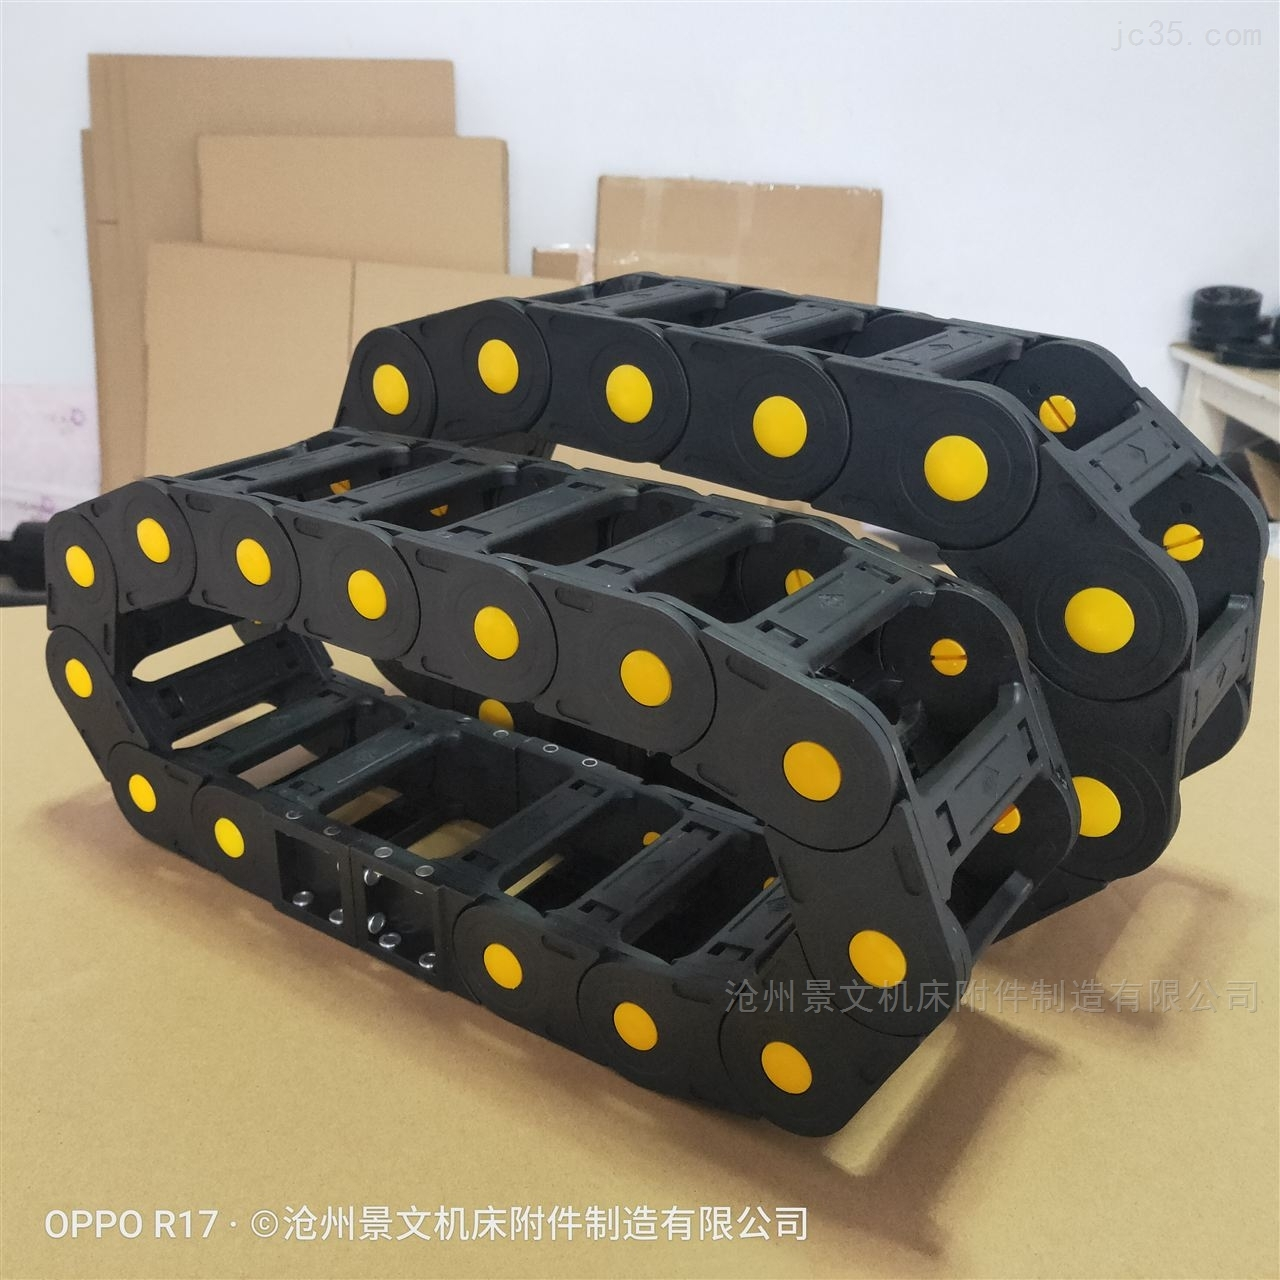 徐州机械设备25*38塑料拖链厂家现货